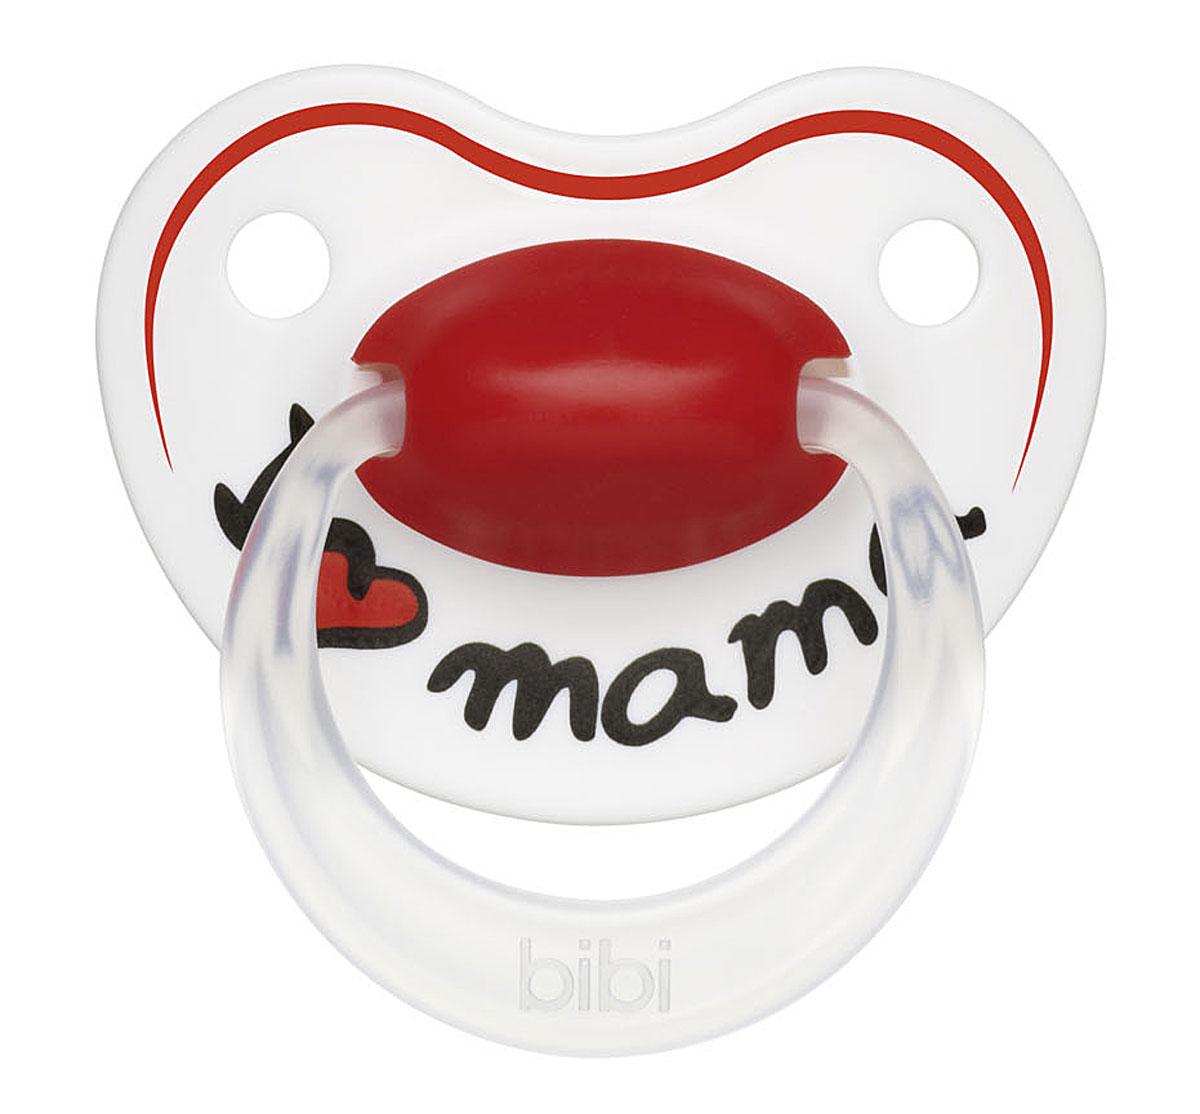 Bibi Пустышка Premium Dental Happiness Mama силиконовая 6-16 месяцев113216Пустышка разработана с учетом новейших экспертных рекомендаций и сотрудничества с мамами. • Легкая и сбалансированная по весу пустышка для гармоничного восприятия • Бархатистый мягкий и гибкий силикон для комфорта и максимальной безопасности • Пупырышки «SensoPearls» - для нежного контакта нагубника с кожей малыша • Увеличенные вентиляционные отверстия в нагубнике для комфорта нежной детской кожи • Эргономичная форма нагубника ErgoComfort подходит для всех малышей • Безупречное качество! • Ортодонтическая форма соски формирует правильное развитие прикусам • Специальный клапан внутри соски обеспечивает циркуляцию воздуха, поэтому соска всегда остается мягкой и гибкой • Пустышки сделаны из высококачественного полипропилена (нагубник) и силикона (соска) • Защитный колпачок в комплекте с каждой пустышкой • Модный дизайн выполнен совершенно безопасными пищевыми красителями • Чтобы родитель лучше ориентировался в выборе изделия, определенному...